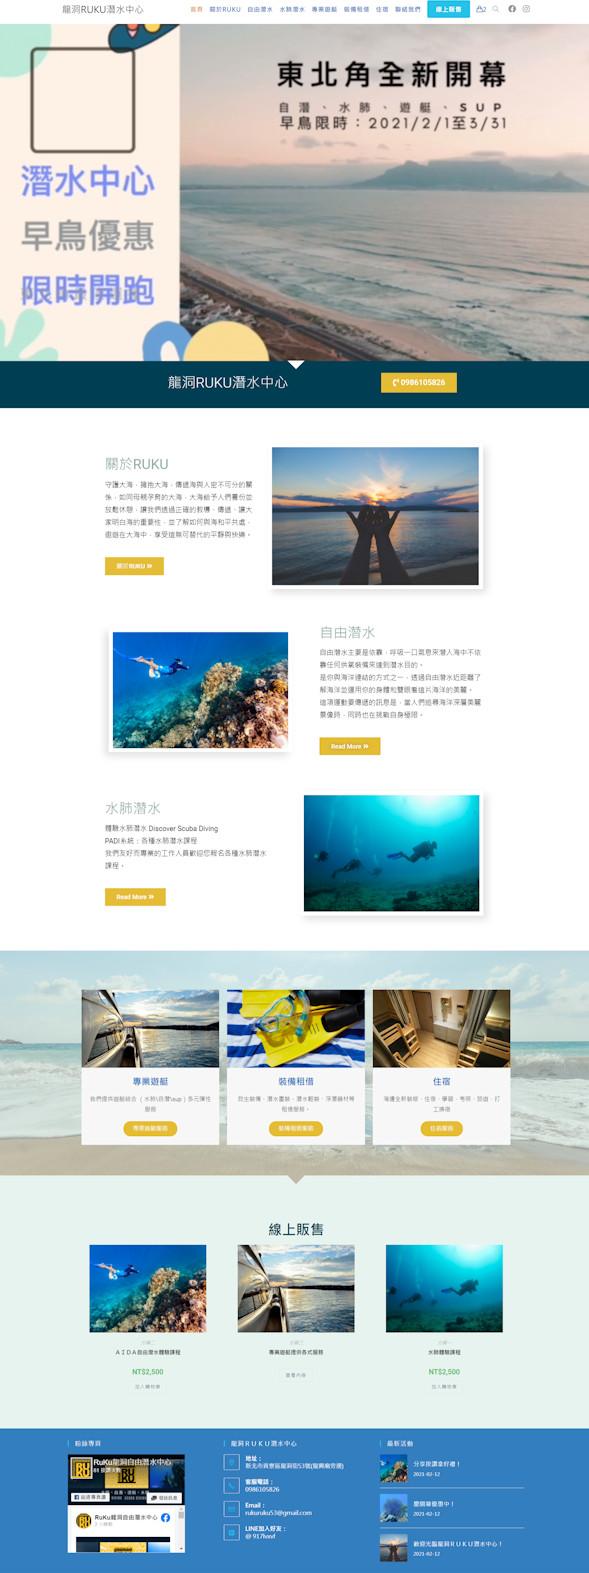 網頁設計-東北角潛水2